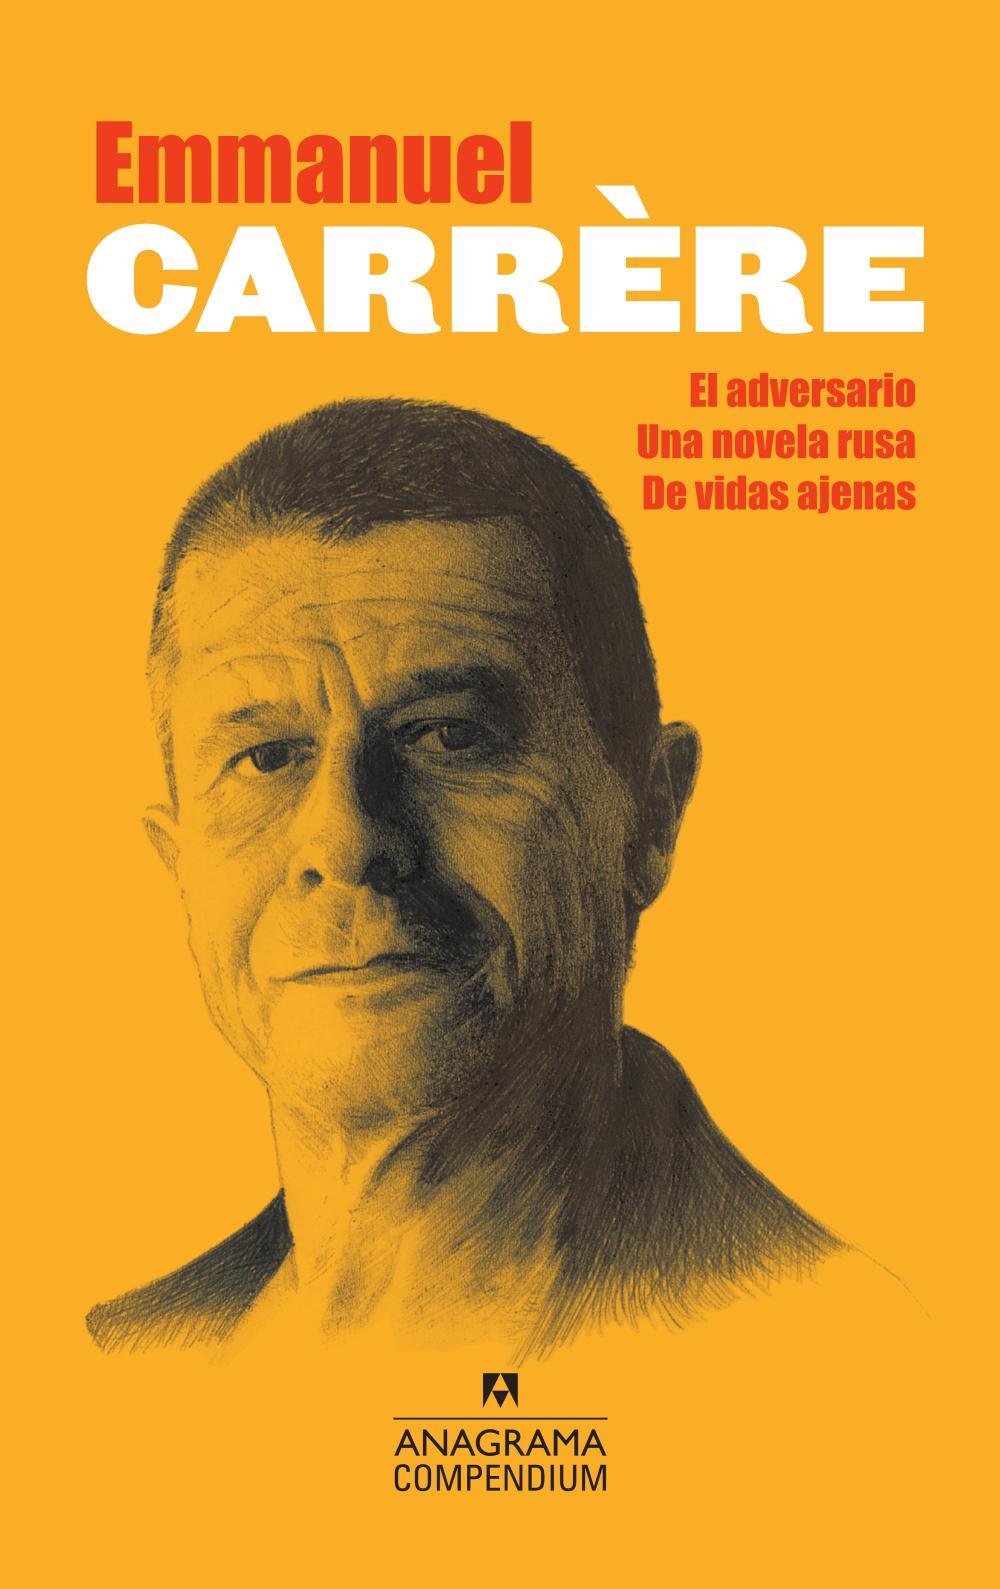 Compendium Carrère (El adversario, Una novela rusa, De vidas ajenas)